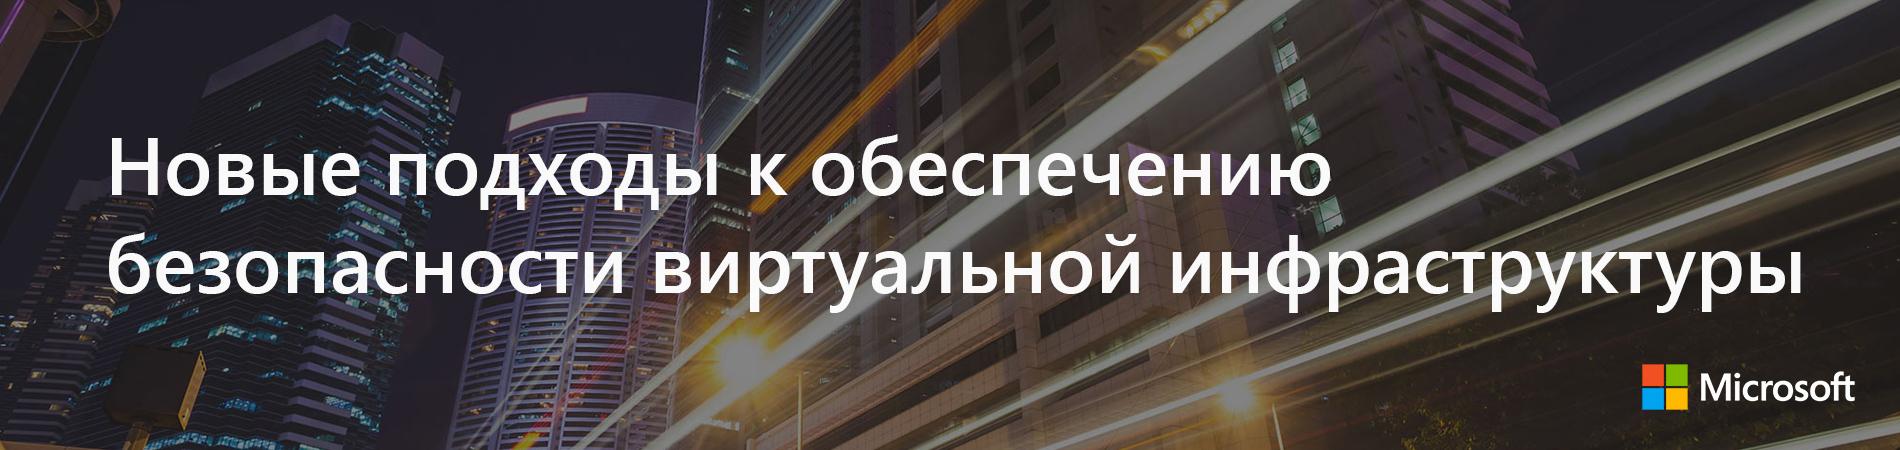 Новые подходы к обеспечению безопасности виртуальной инфраструктуры